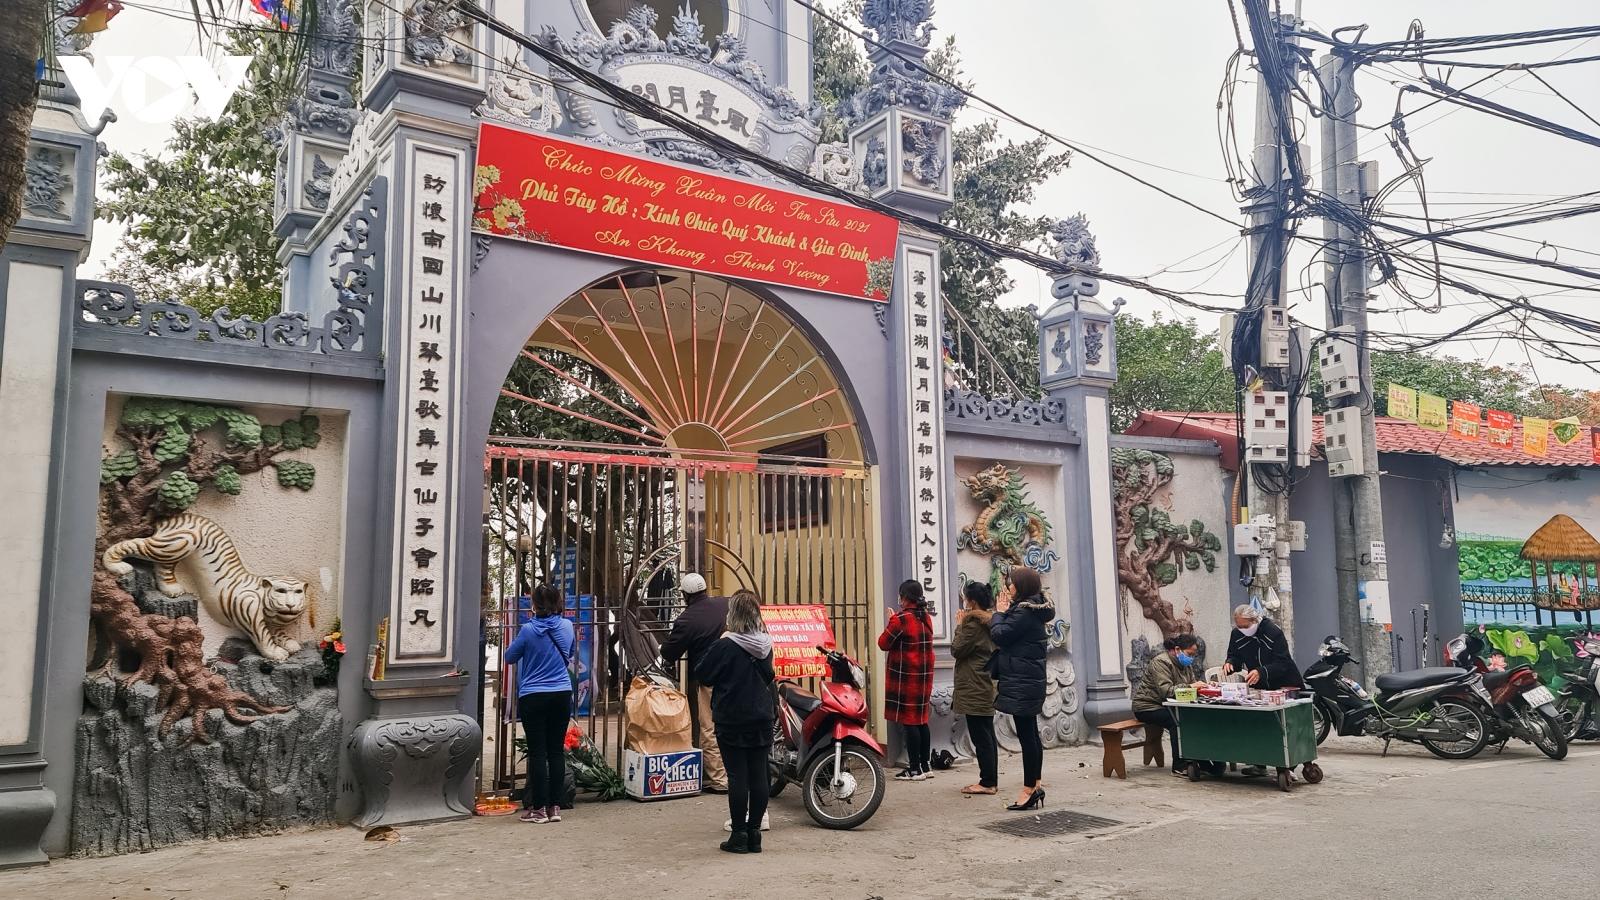 Clip: Người dân lễ vọng khi đền, chùa, di tích đóng cửa phòng dịch Covid-19